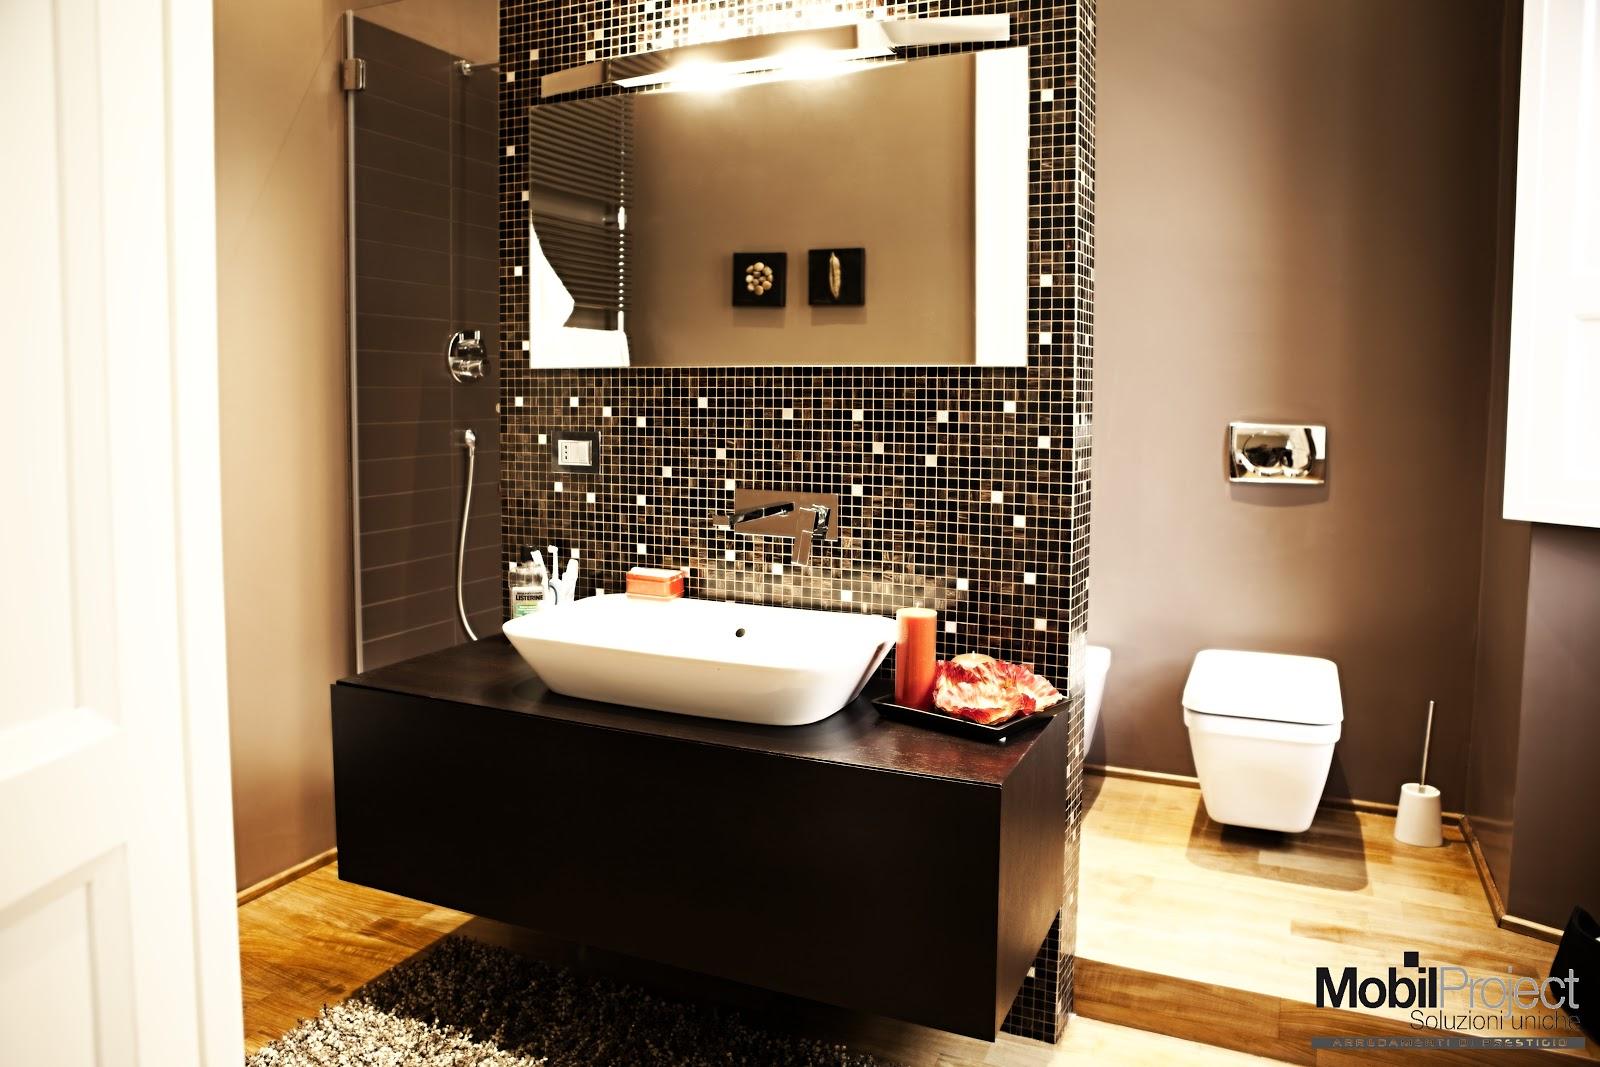 Soluzioni uniche design artigianale italiano l for Design del bagno